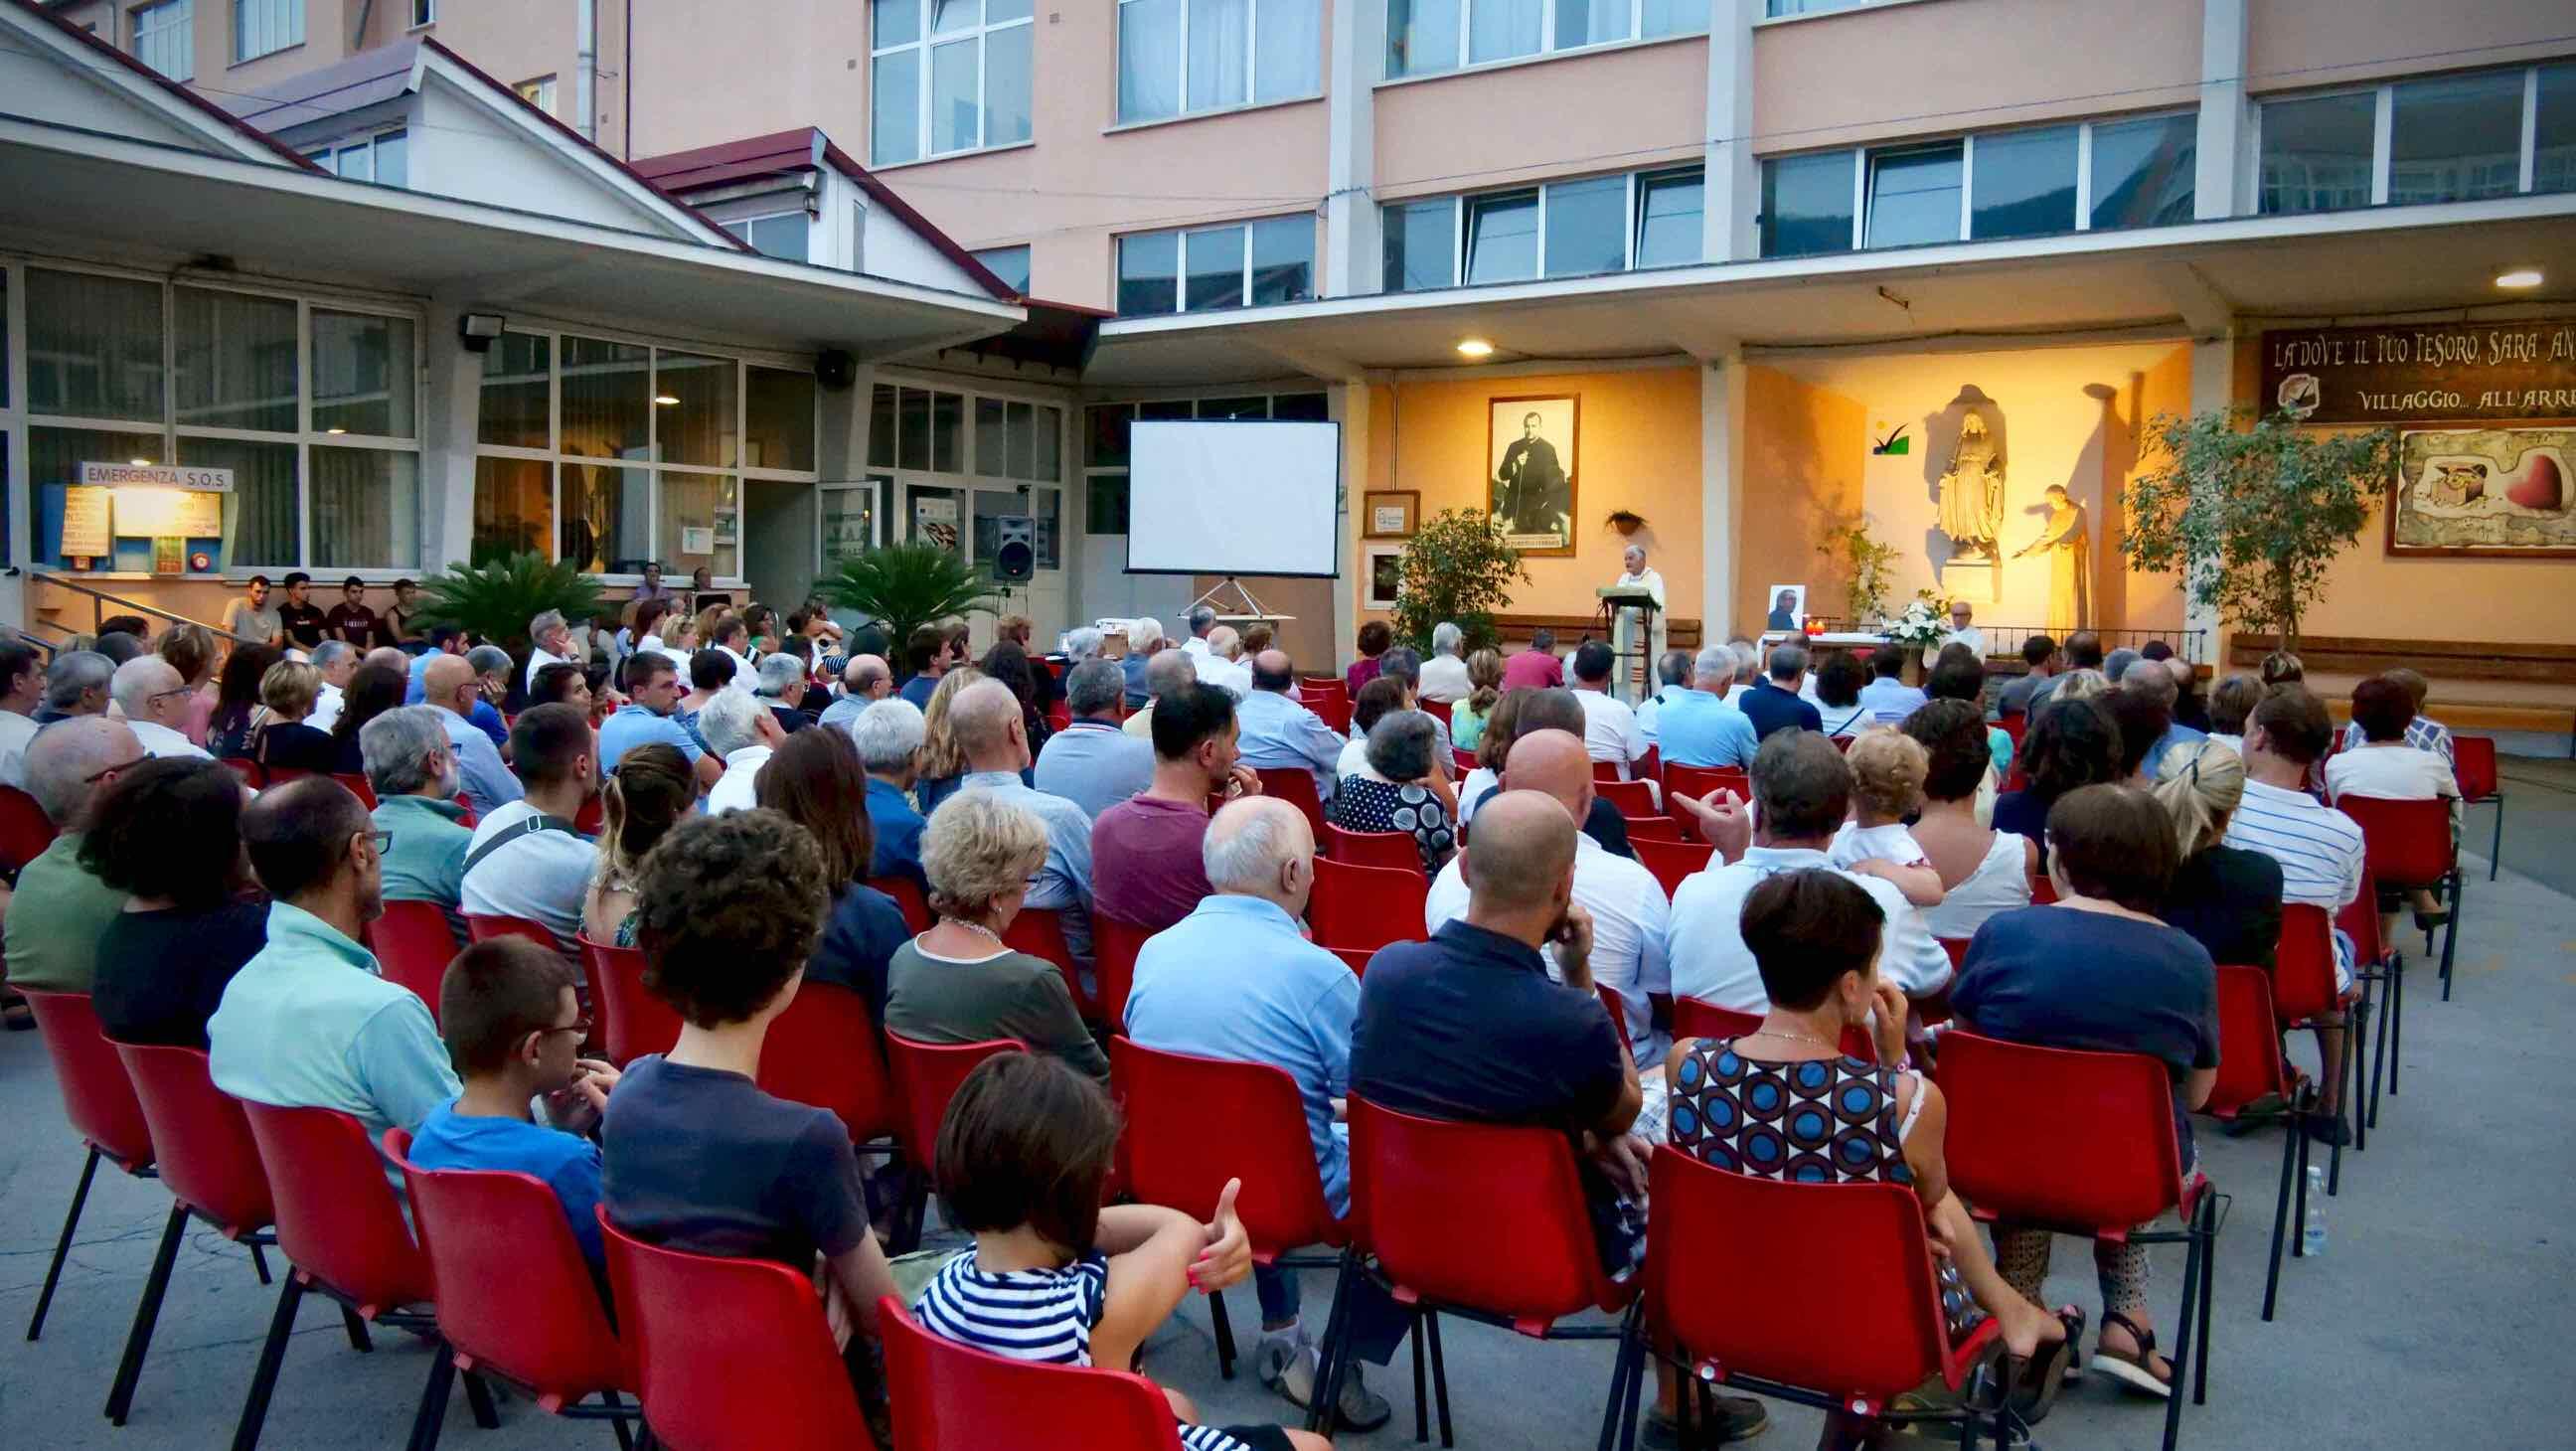 Seconda serata in ricordo di Elio Garbarino 06